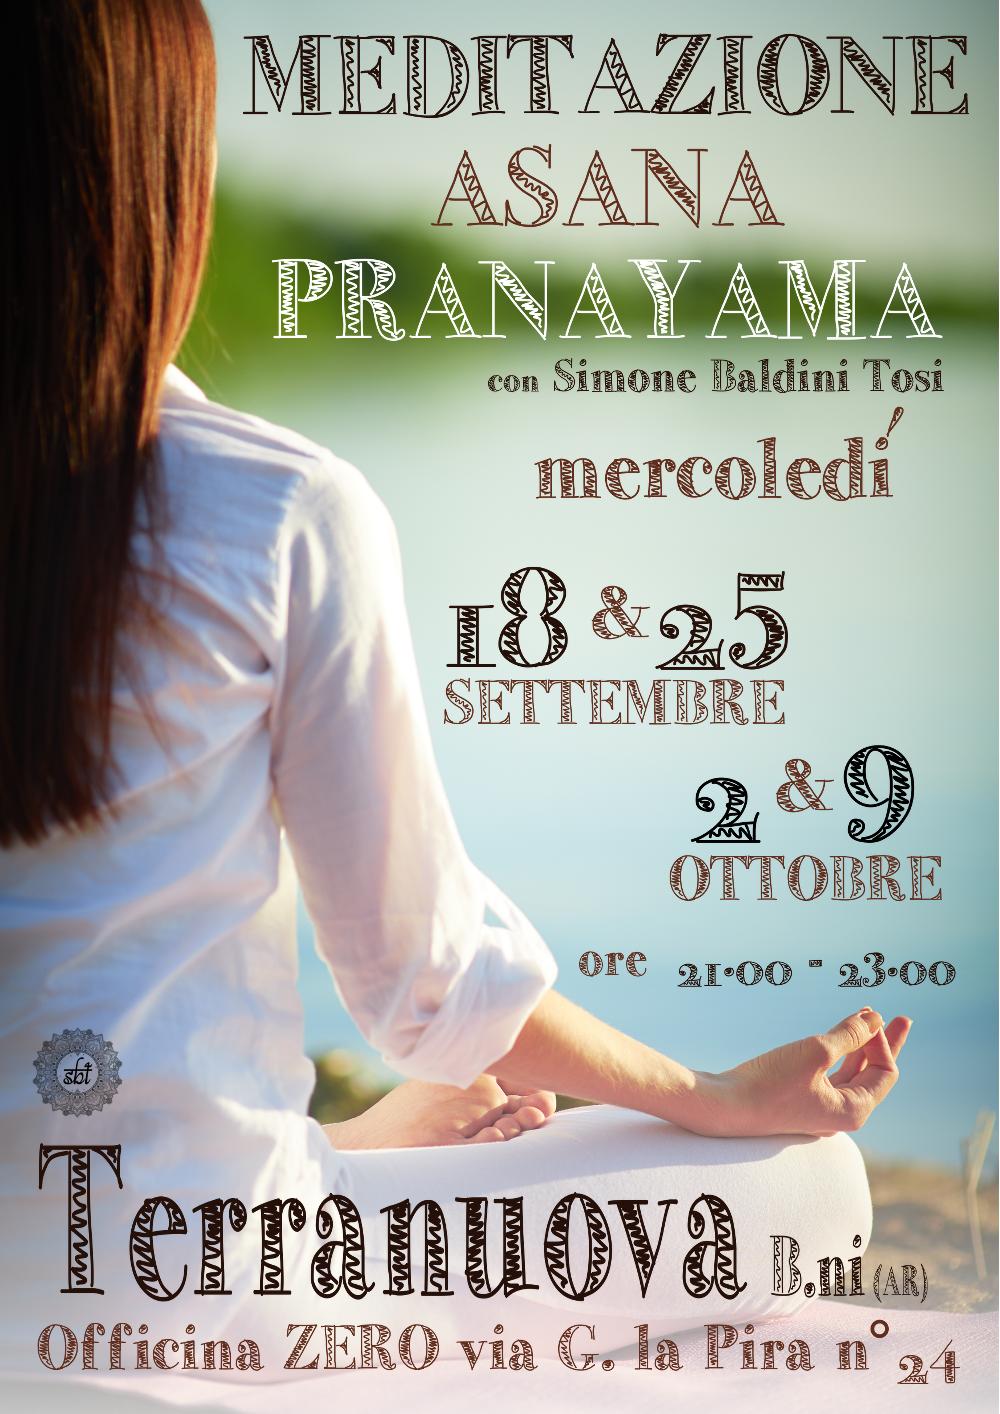 4 incontri sulla Meditazione e sul pranayama (gestione energetica del respiro) utilizzando asana (posture) preparative